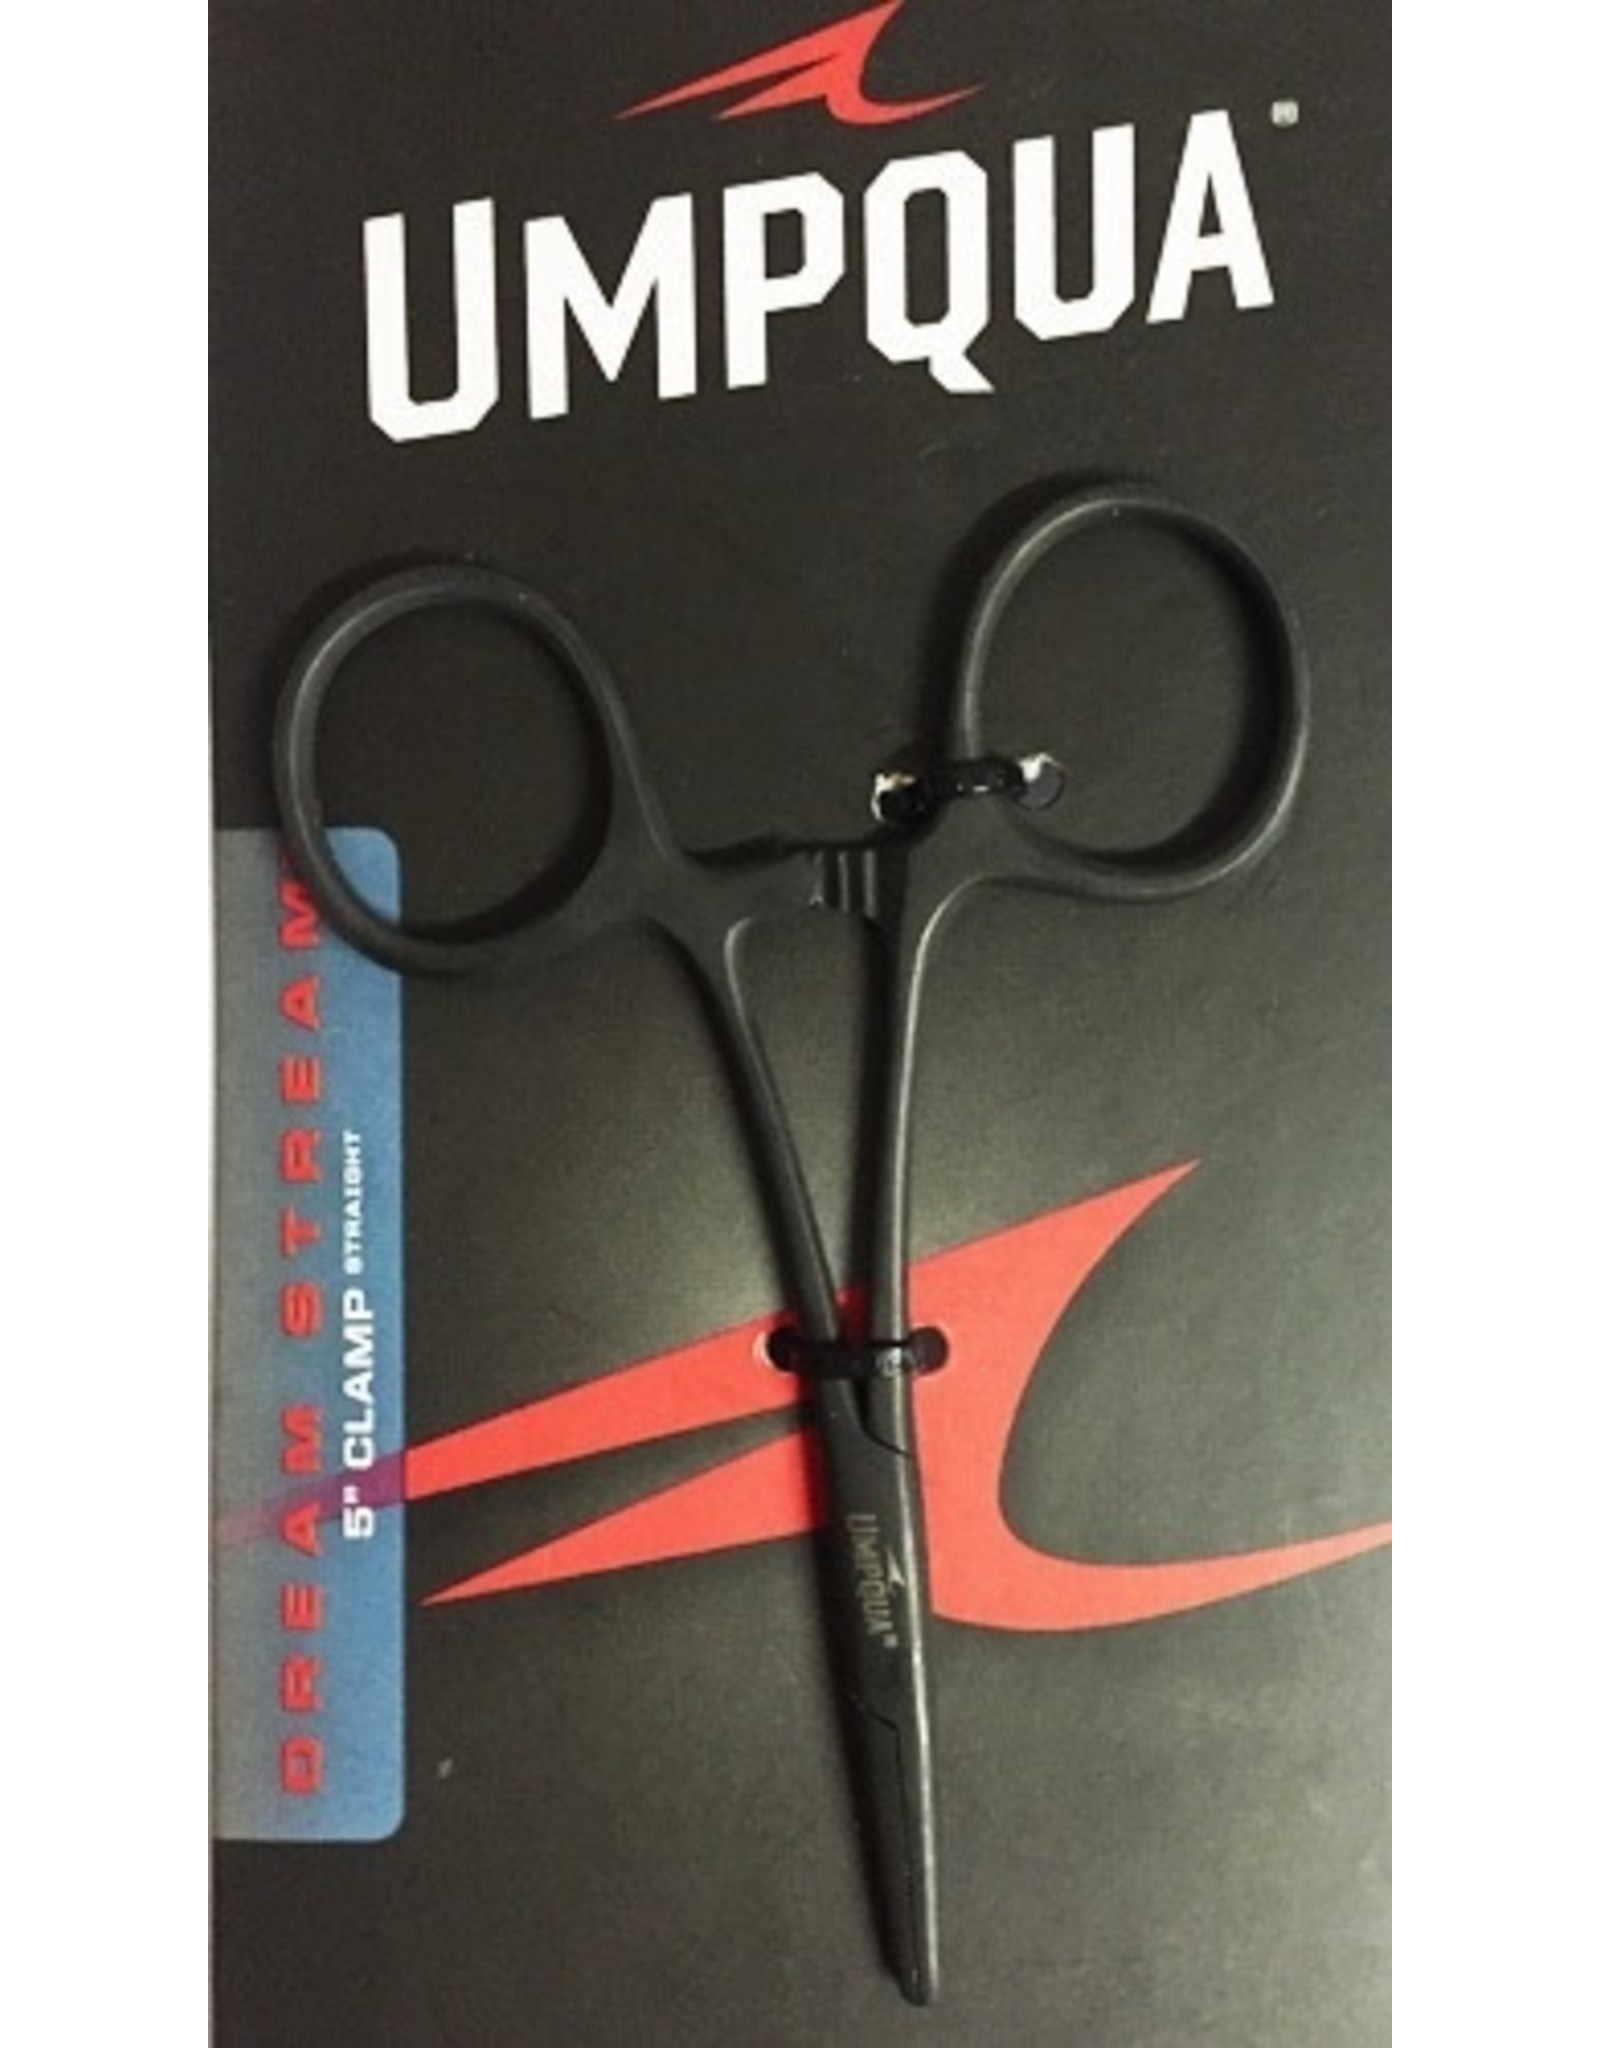 Umpqua Umpqua Dream Stream Curved Clamp Black